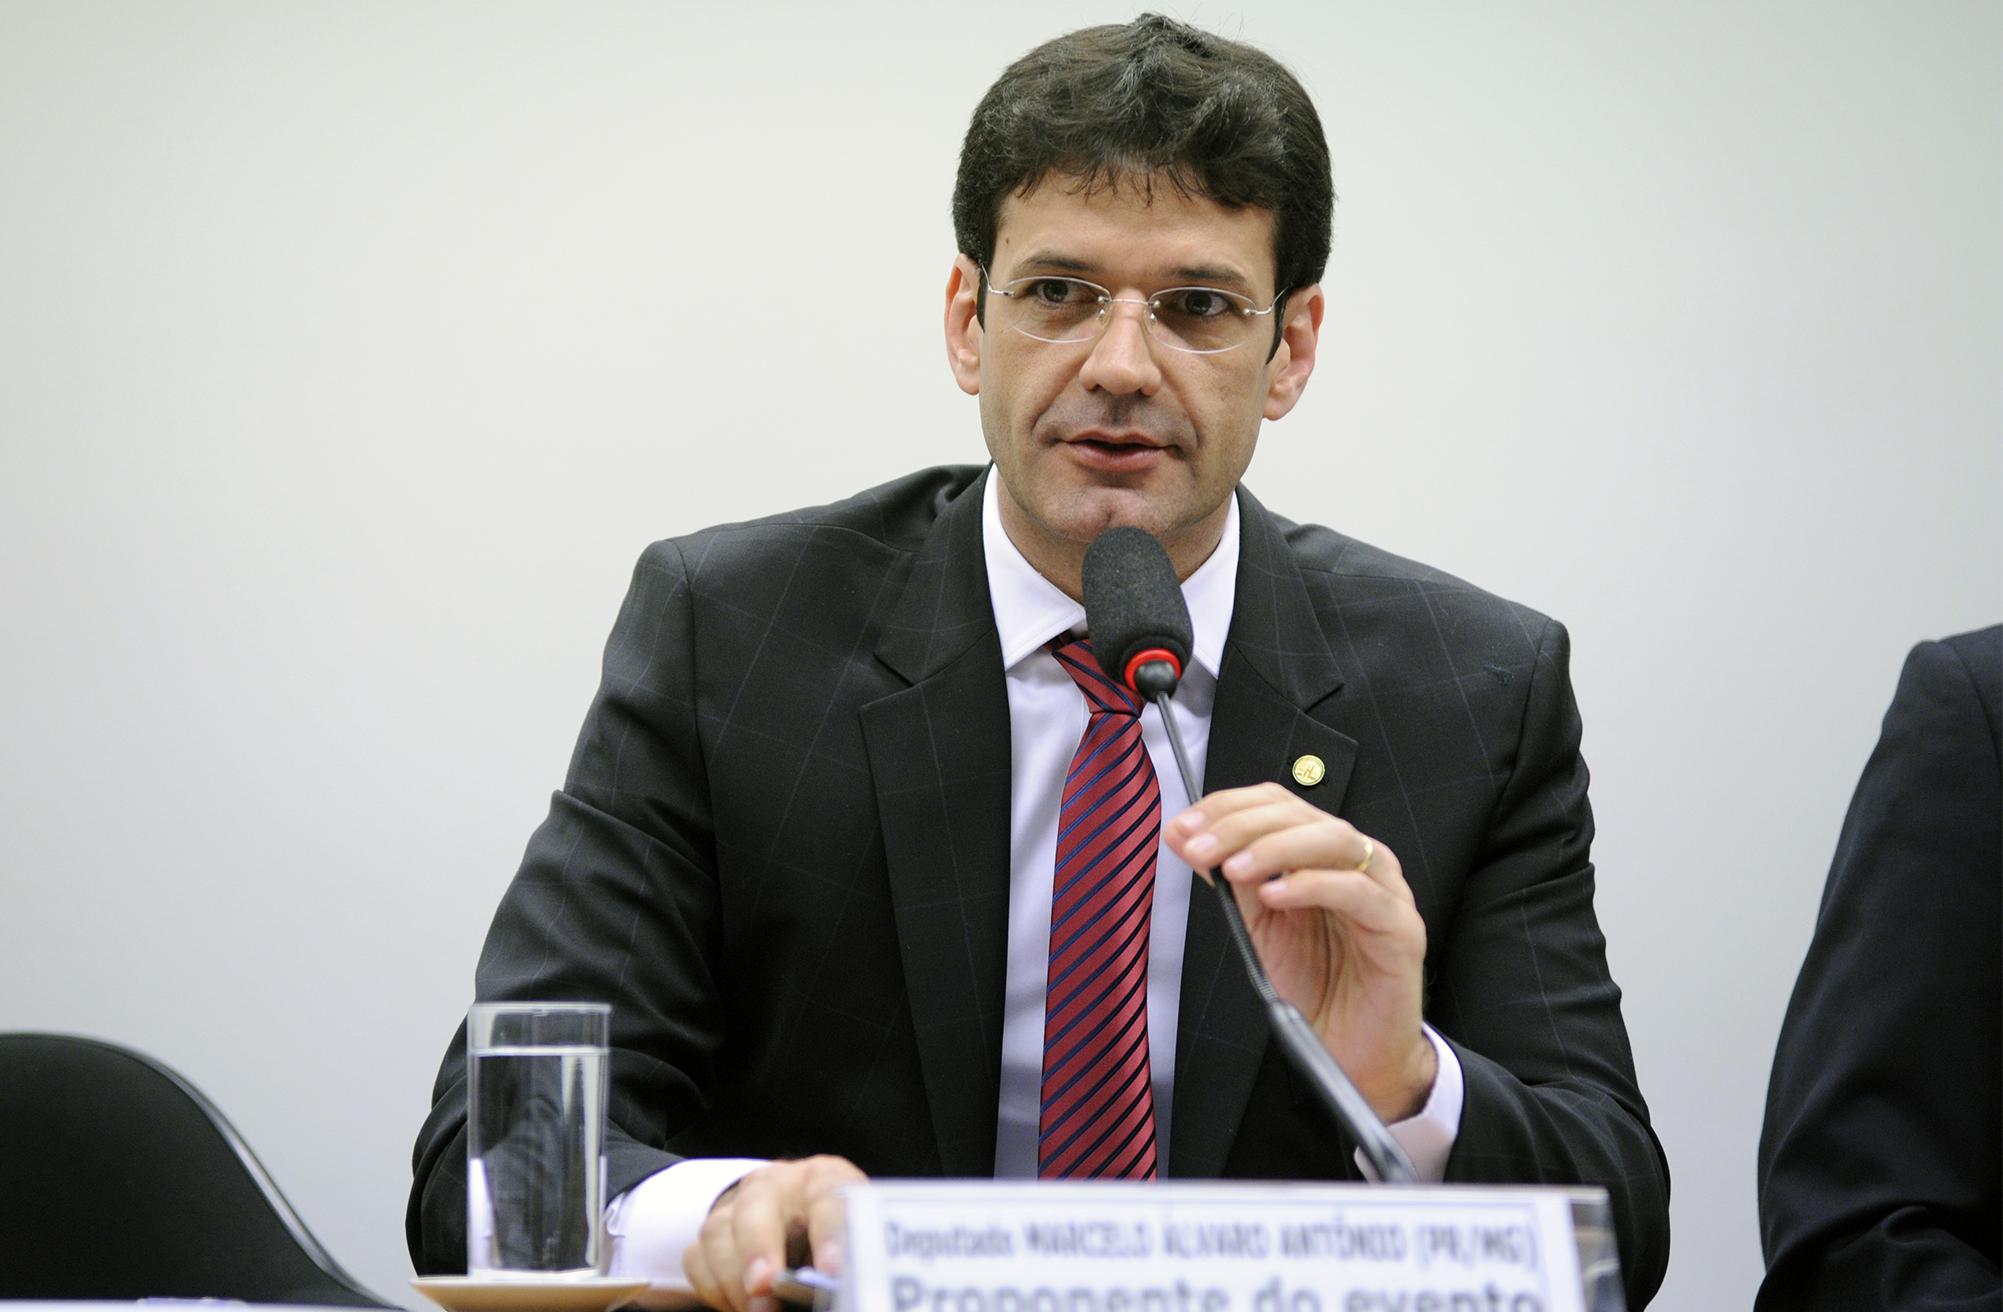 Audiência pública sobre a necessidade de aumento de pena e criação de qualificadoras para o crime de maus tratos aos animais. Dep. Marcelo Álvaro Antonio (PR-MG)